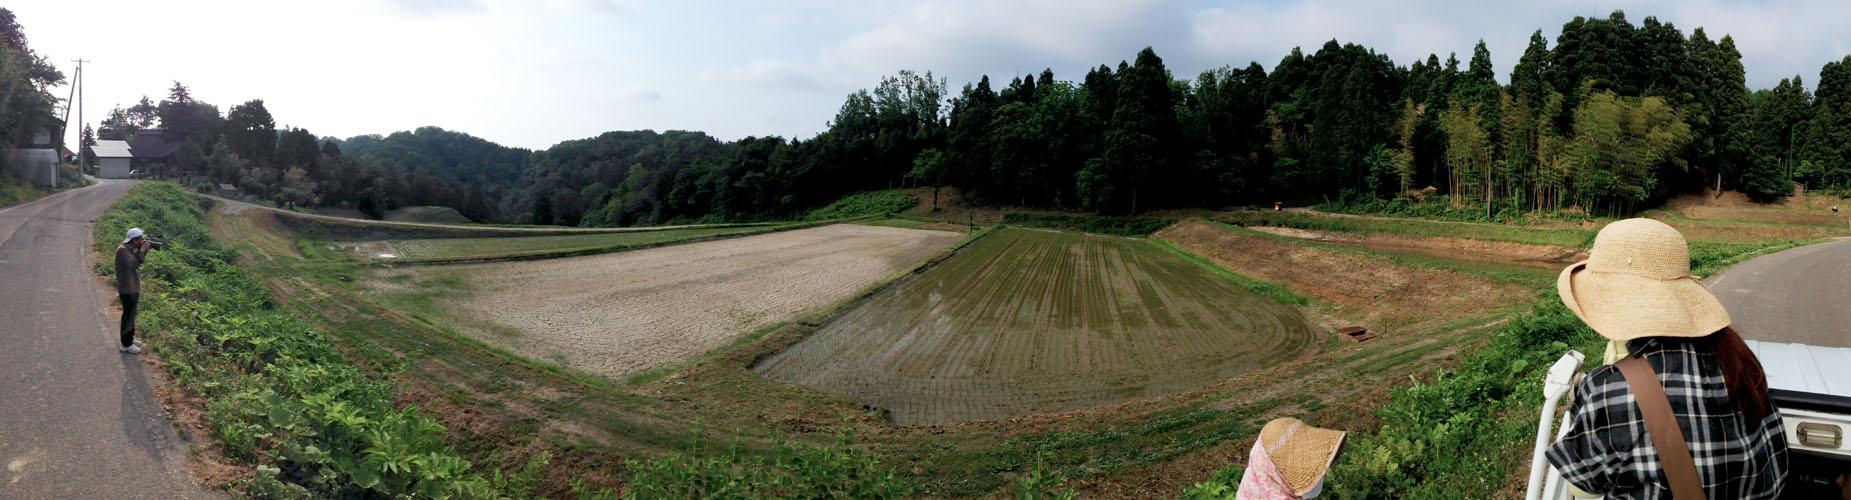 水がなく、あきらめた田んぼ